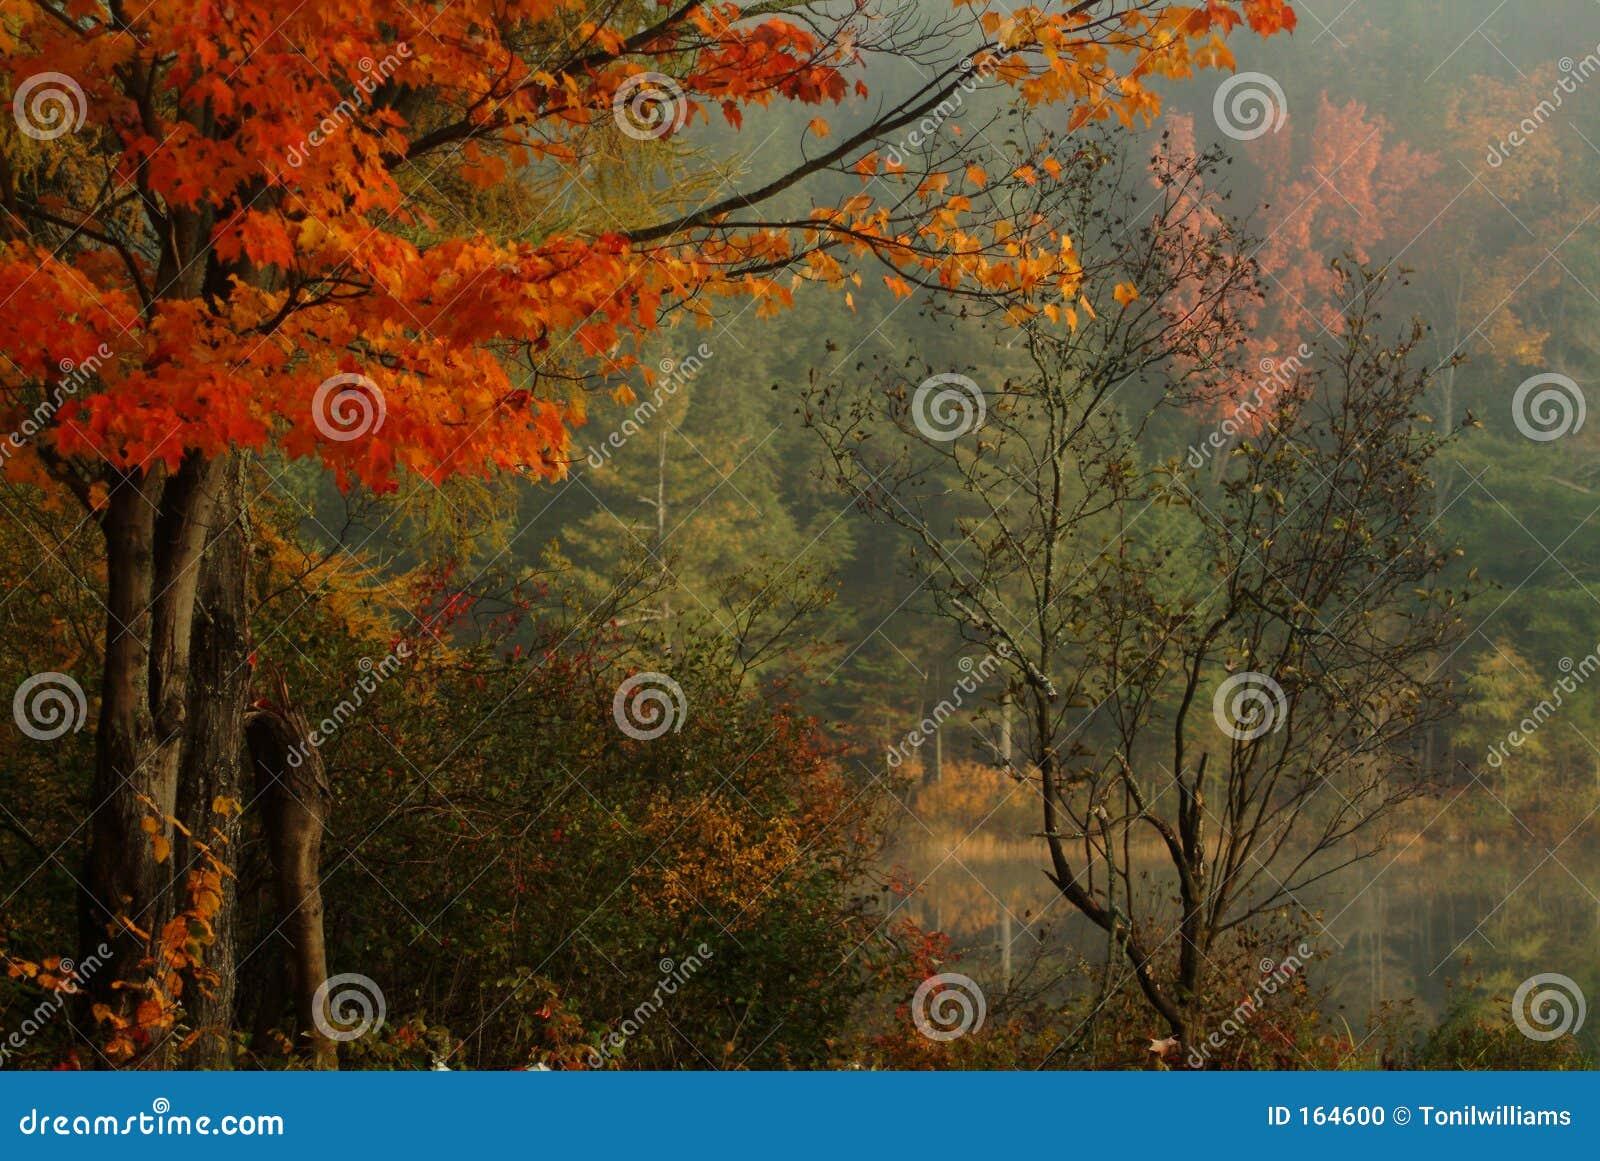 Stillness of Fall